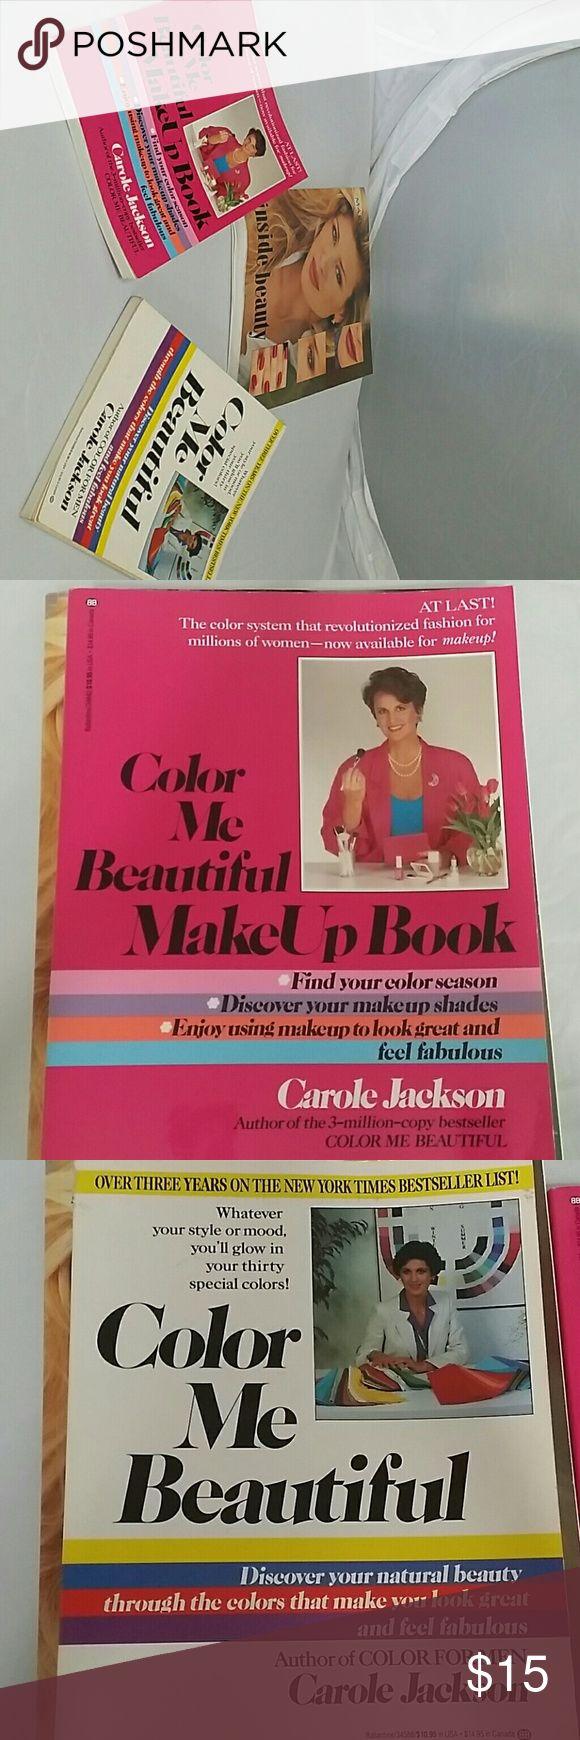 Color Me Beautiful Fashion & Make-up Books